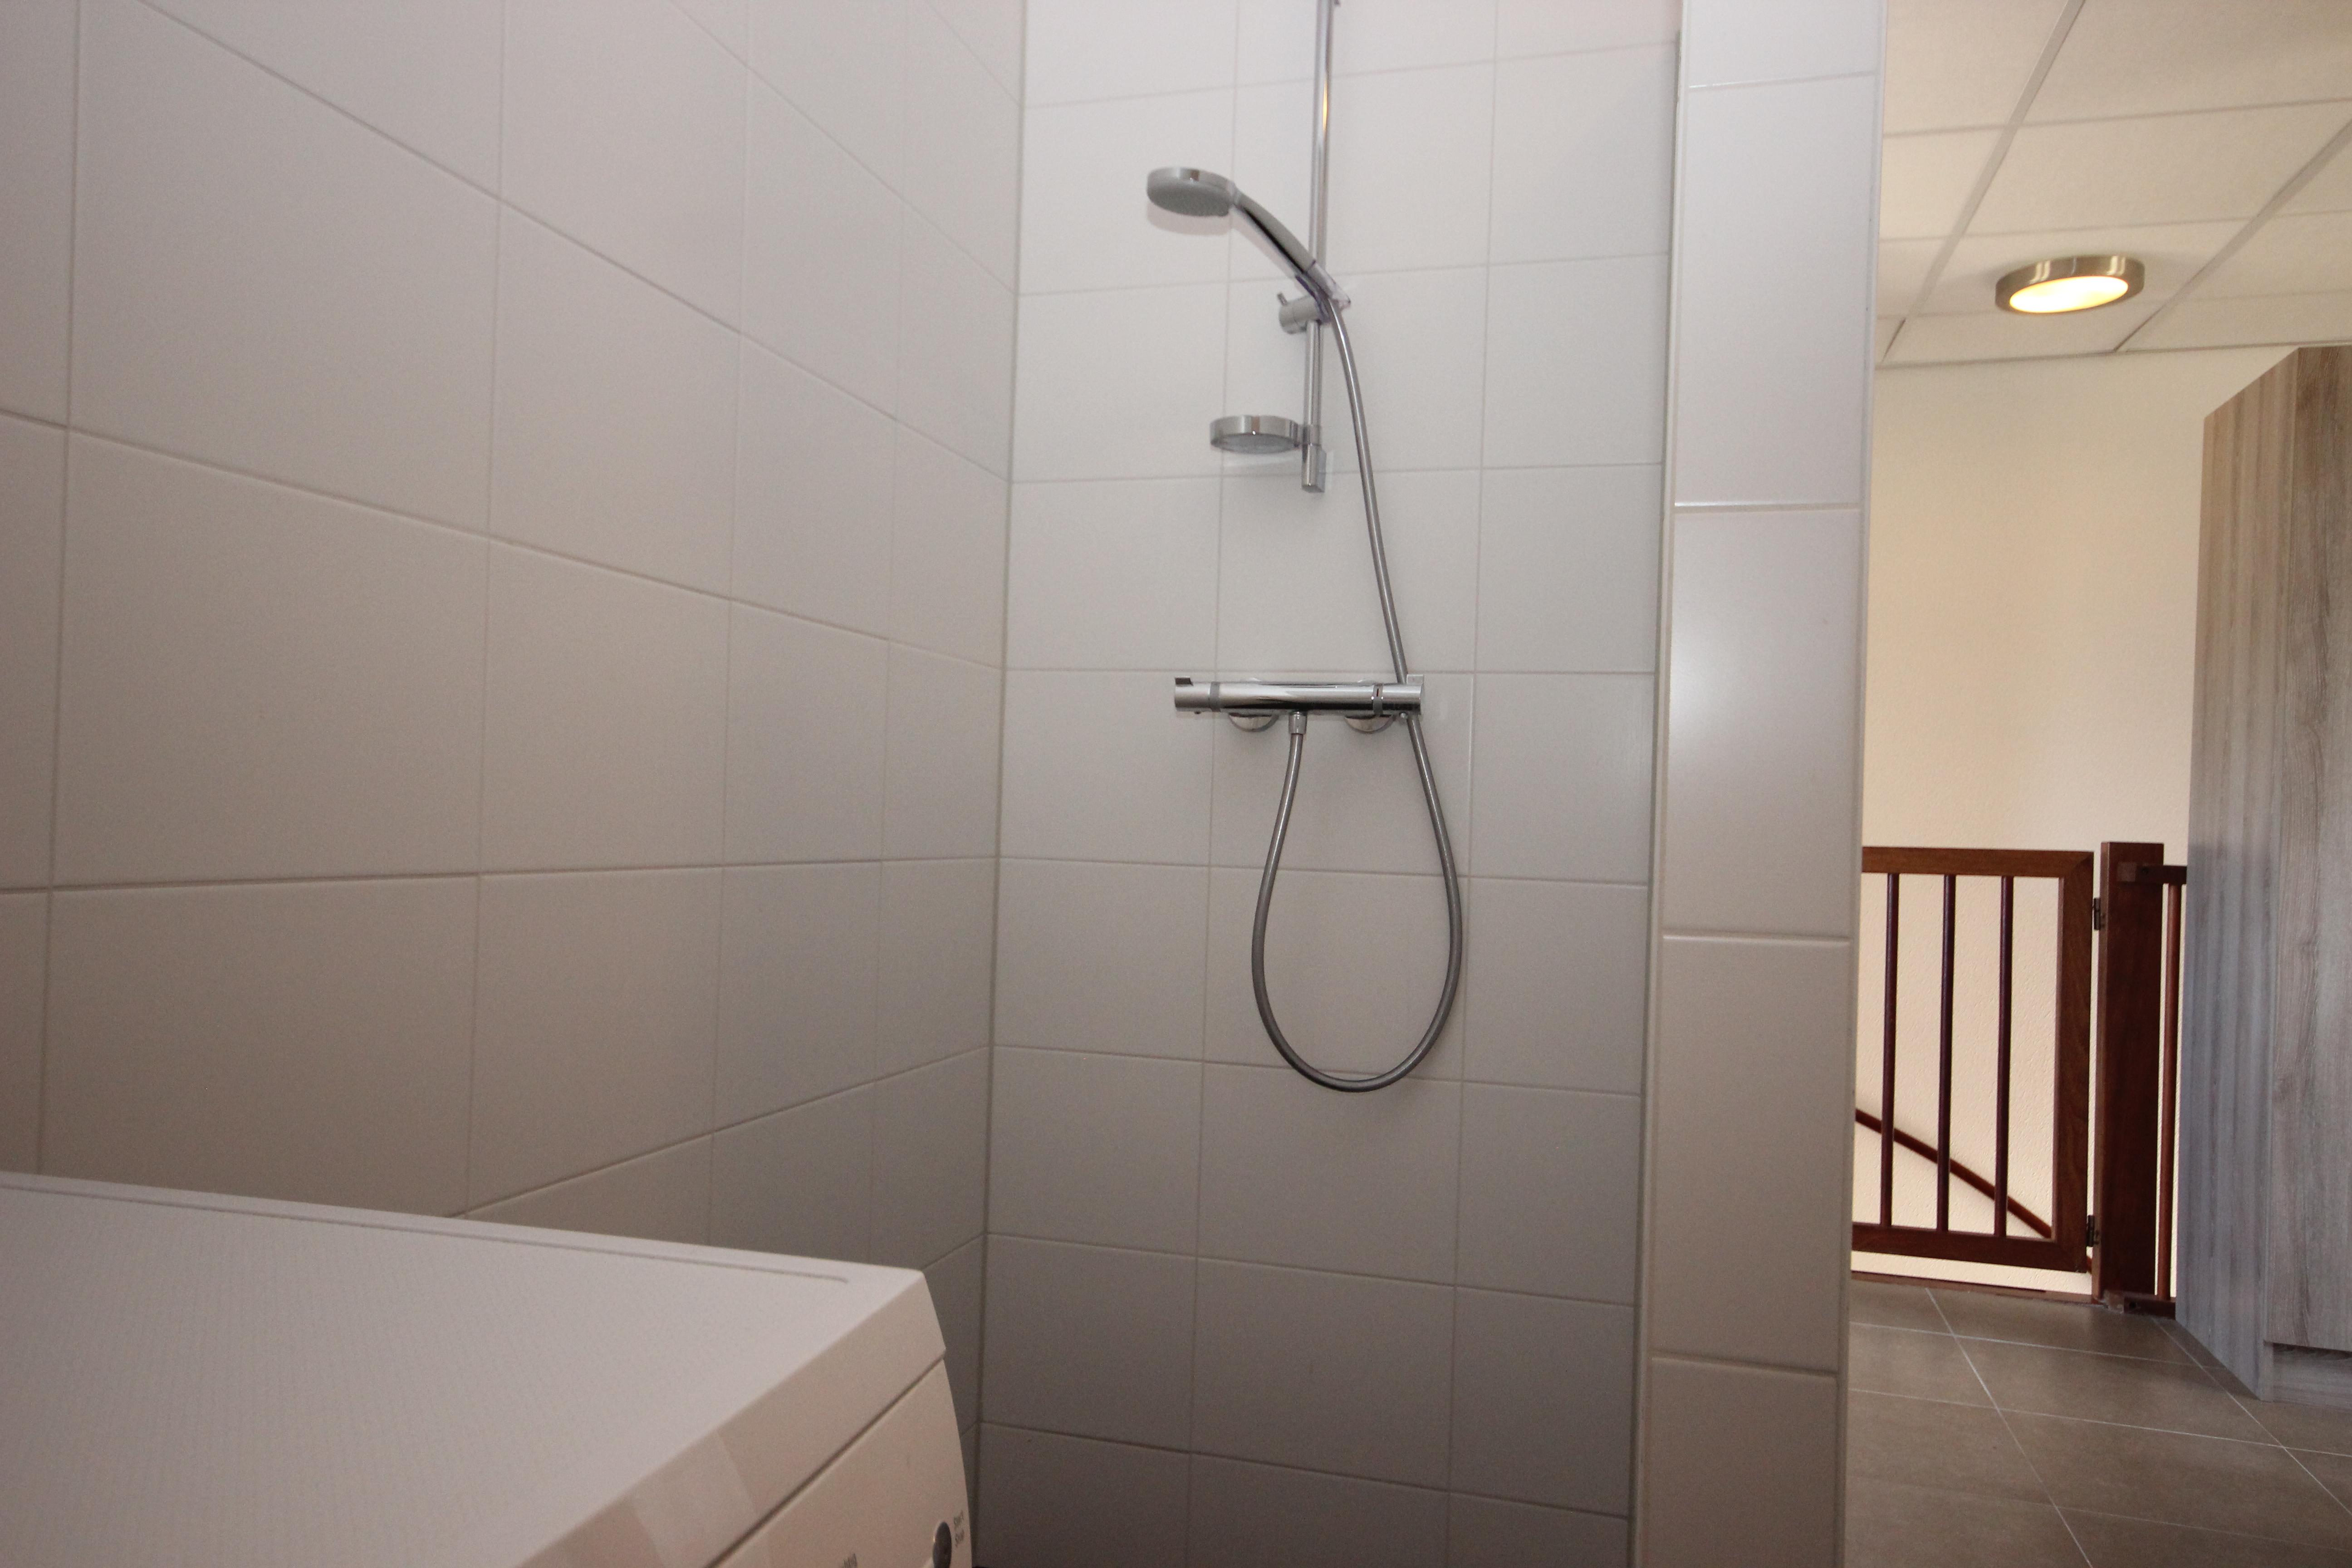 gezamenlijke ruimte douche boven.JPG